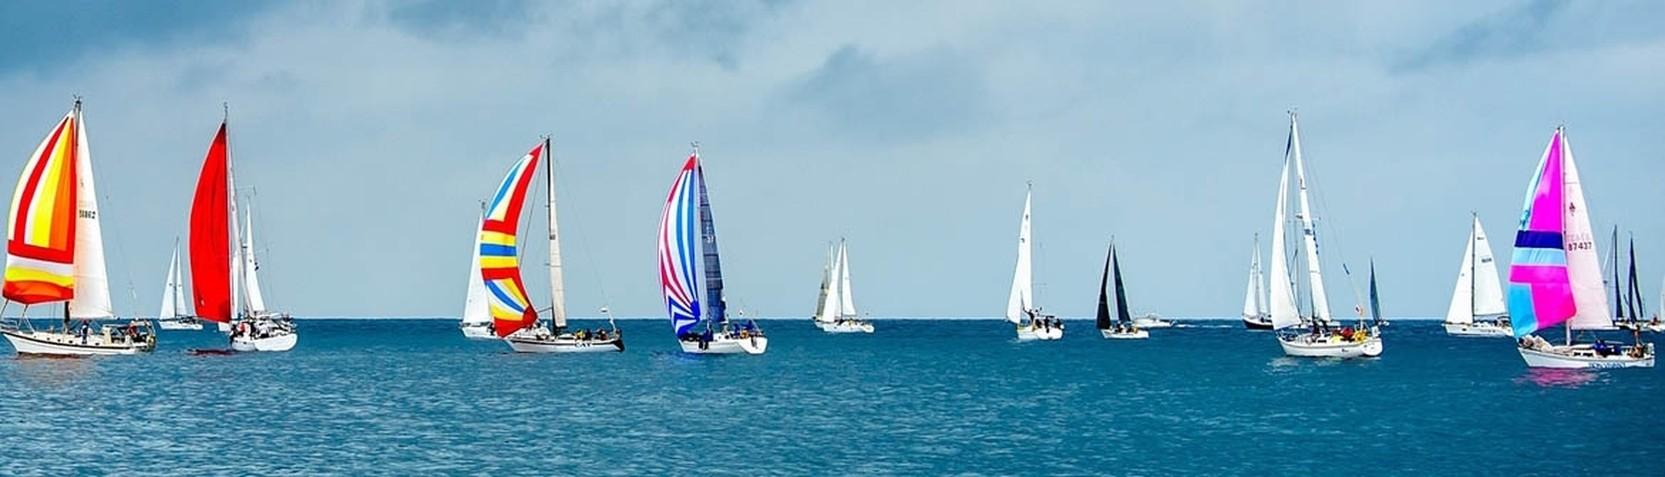 Fotografie - Maritime Fotografie